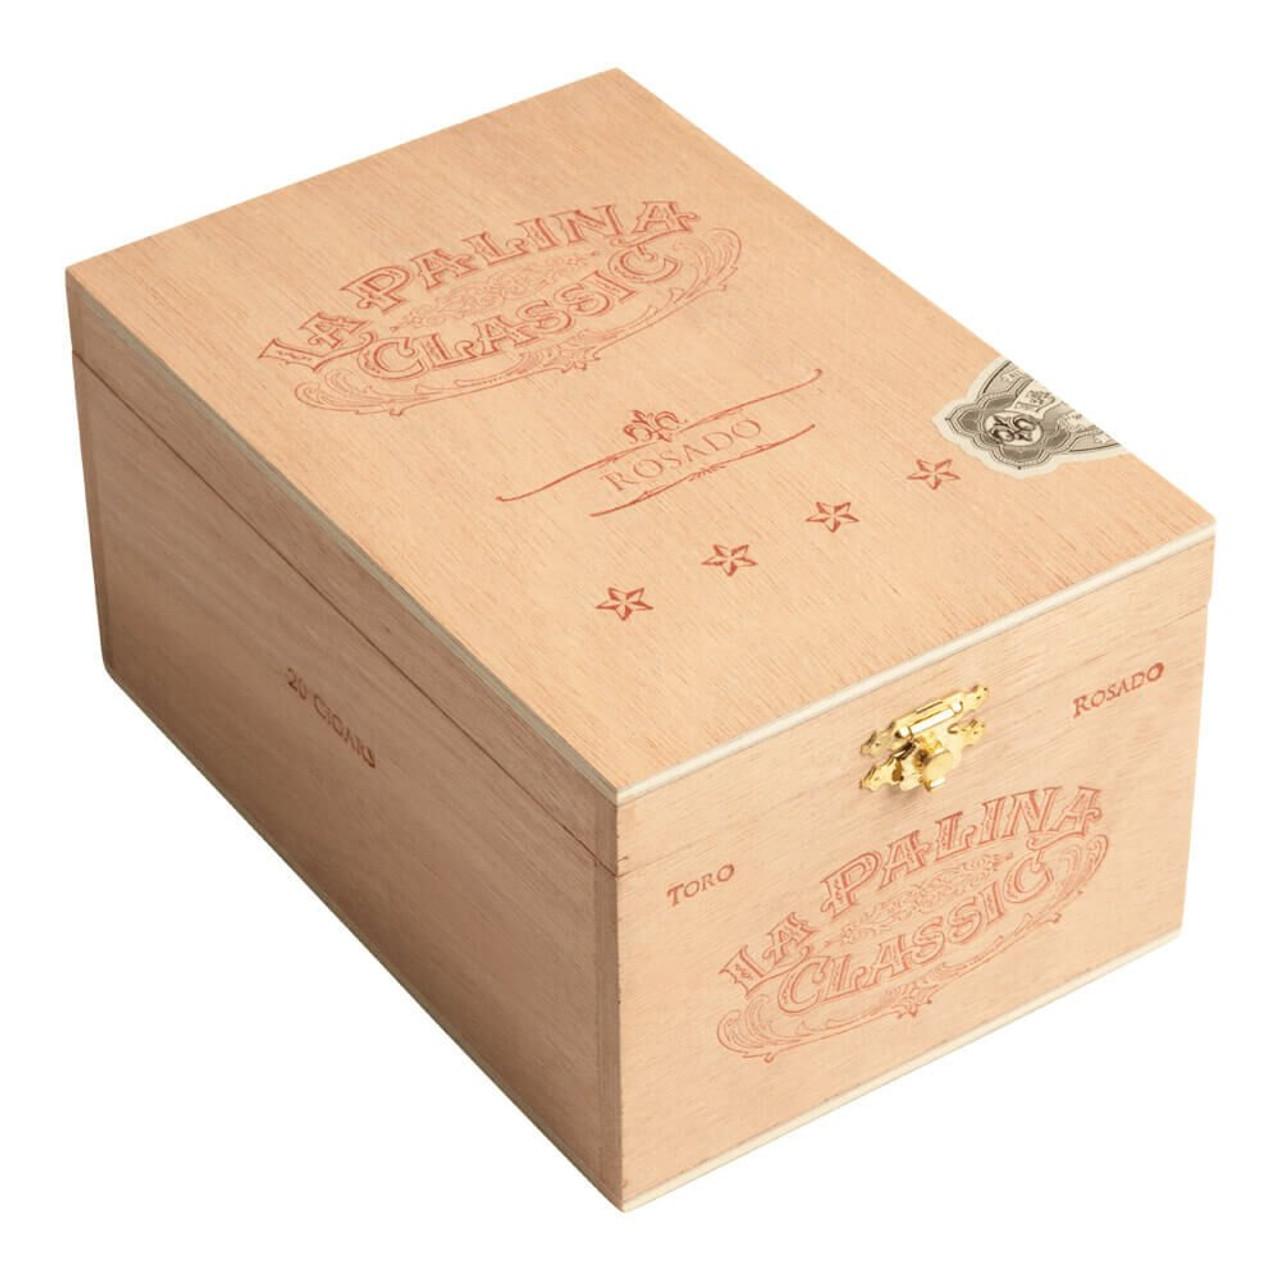 La Palina Classic Rosado Robusto Cigars - 5.5 x 50 (Box of 20)